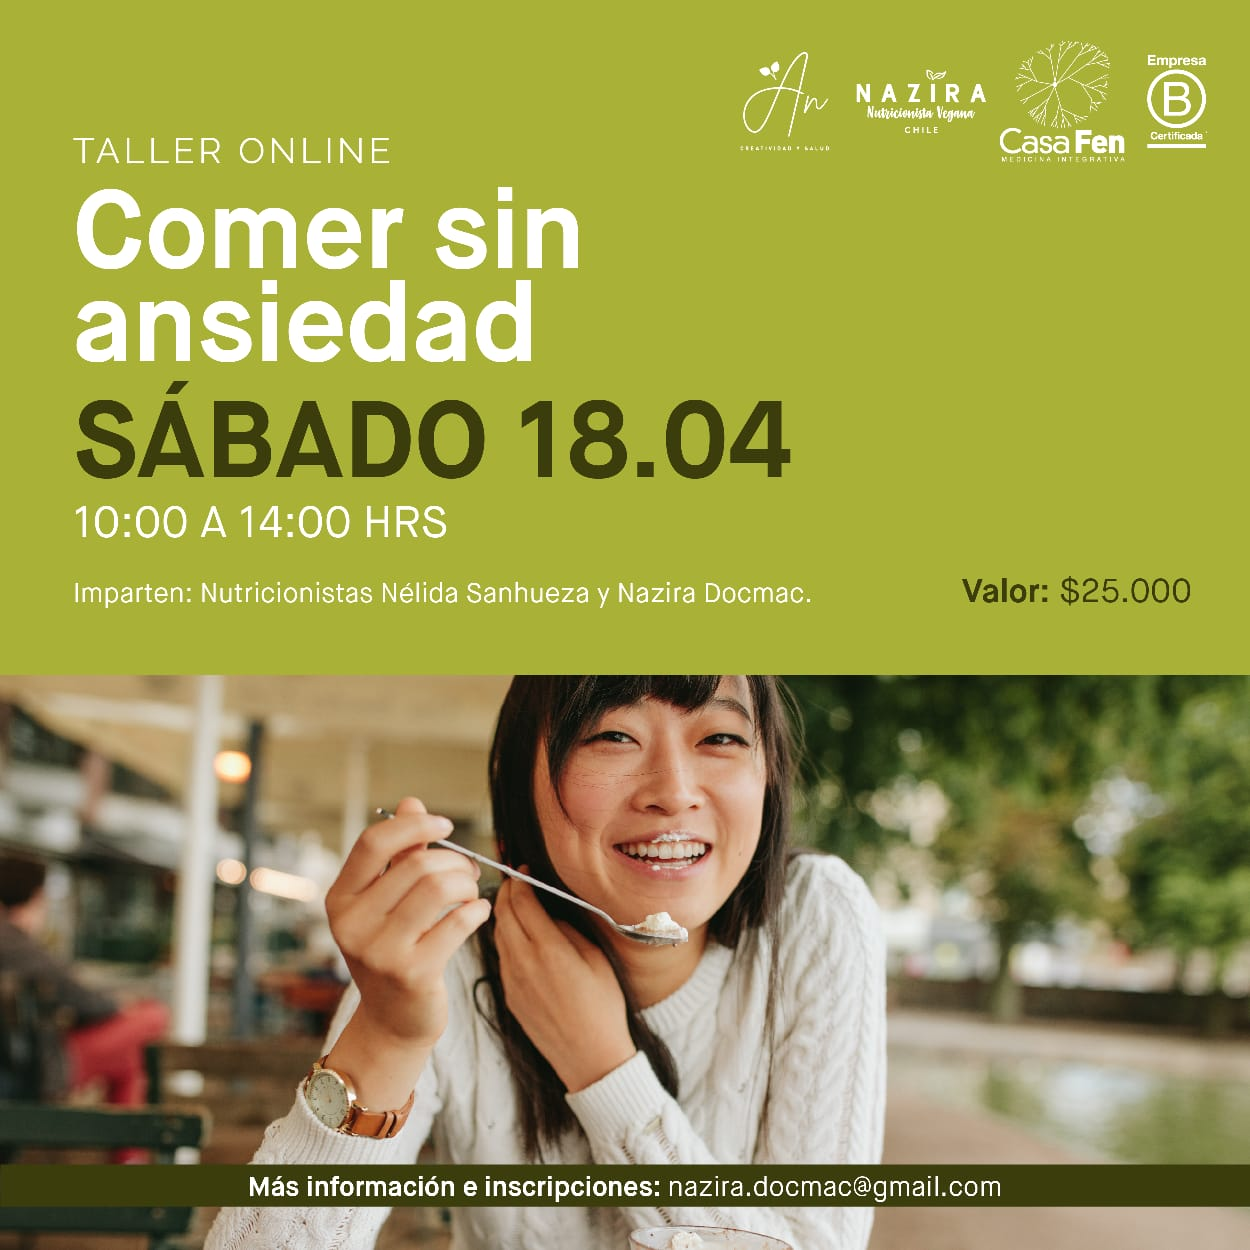 Comer sin ansiedad, taller online - CasaFen